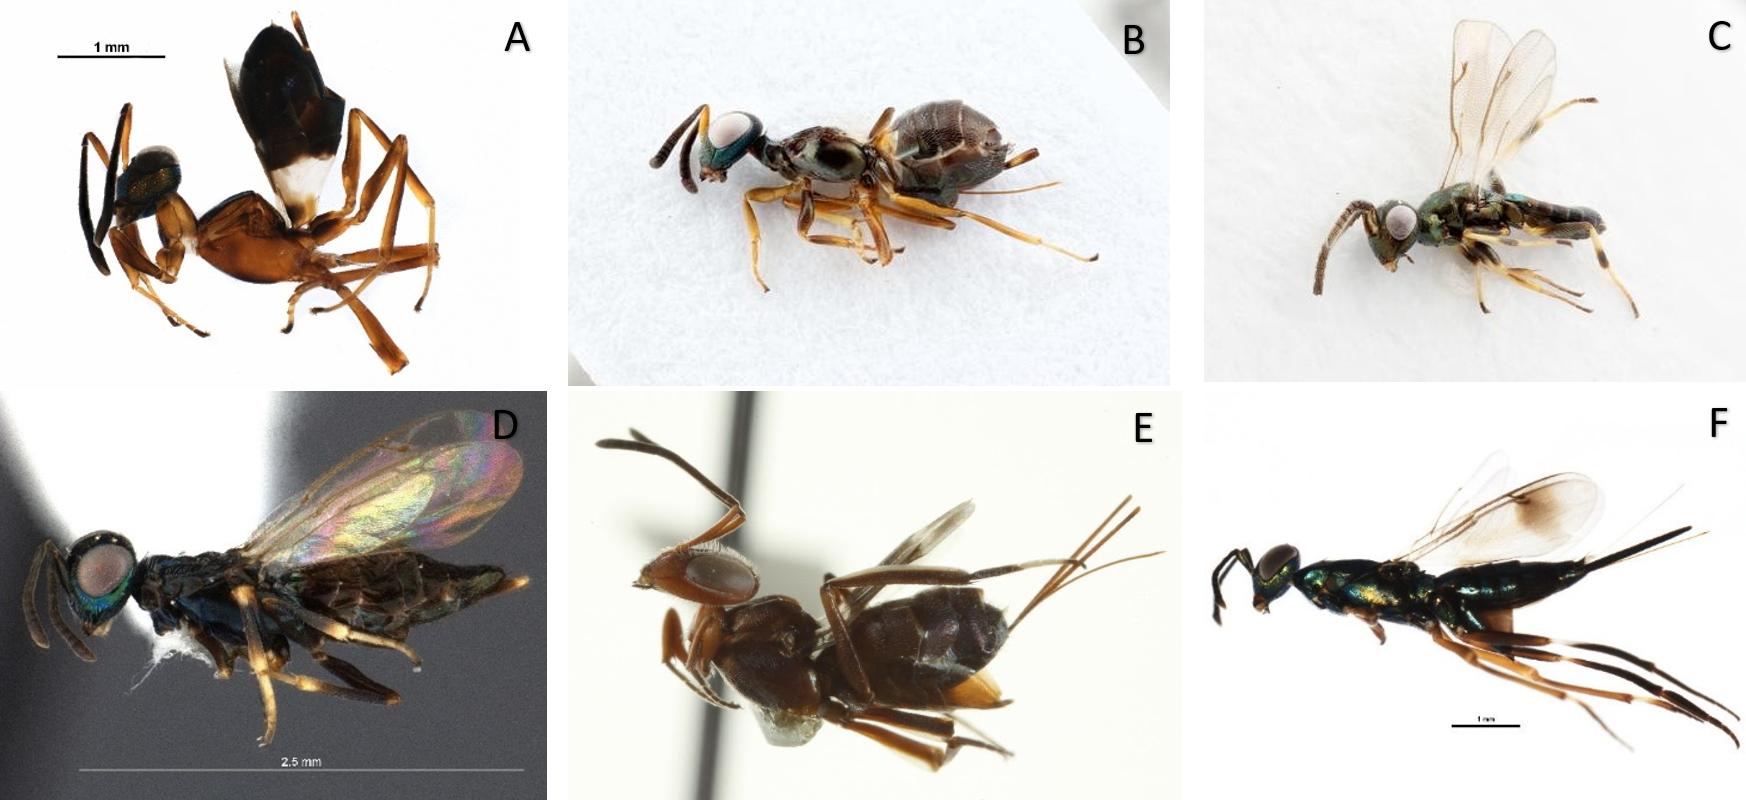 (A)_Anastatus_, (B) _Eupelmus_   _vesicularis_ female, (C) _Eupelmus_  _vesicularis_ male, (D) _Brasema_, (E) _Arachnophaga_, (F) _Metapelma_ _spectabile_